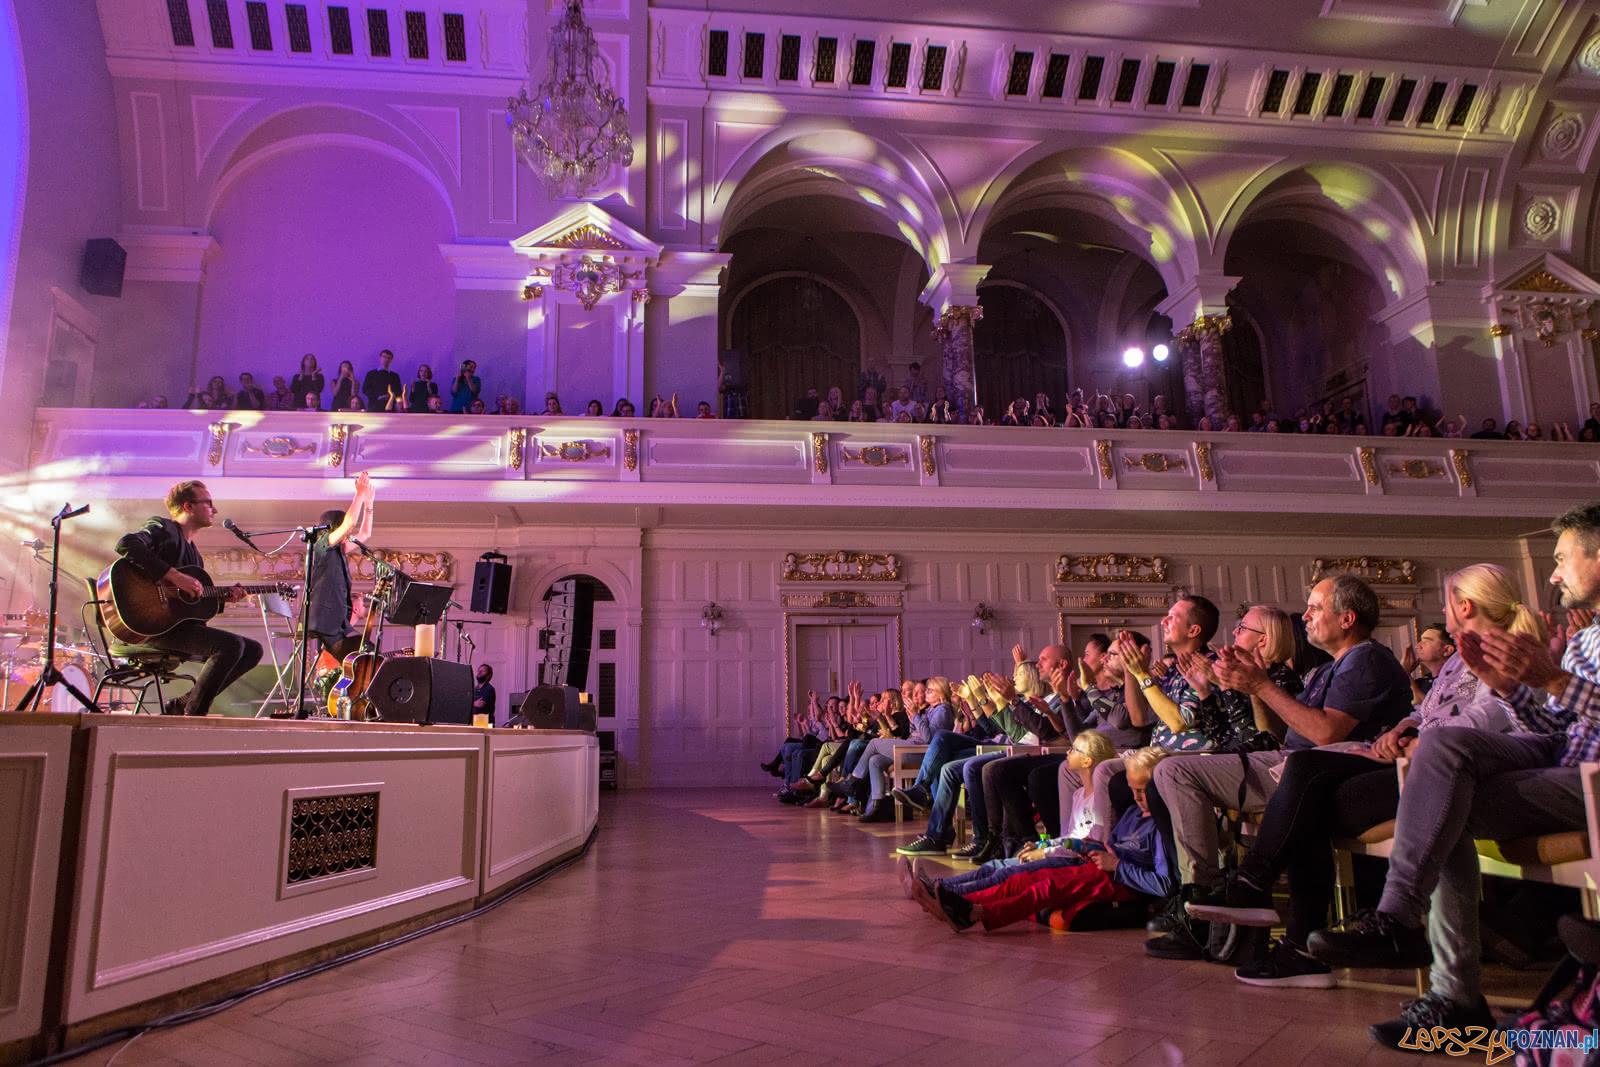 25-lecie Kasi Kowalskiej w Auli UAM - Poznań 8.10.2018 r.  Foto: LepszyPOZNAN.pl / Paweł Rychter